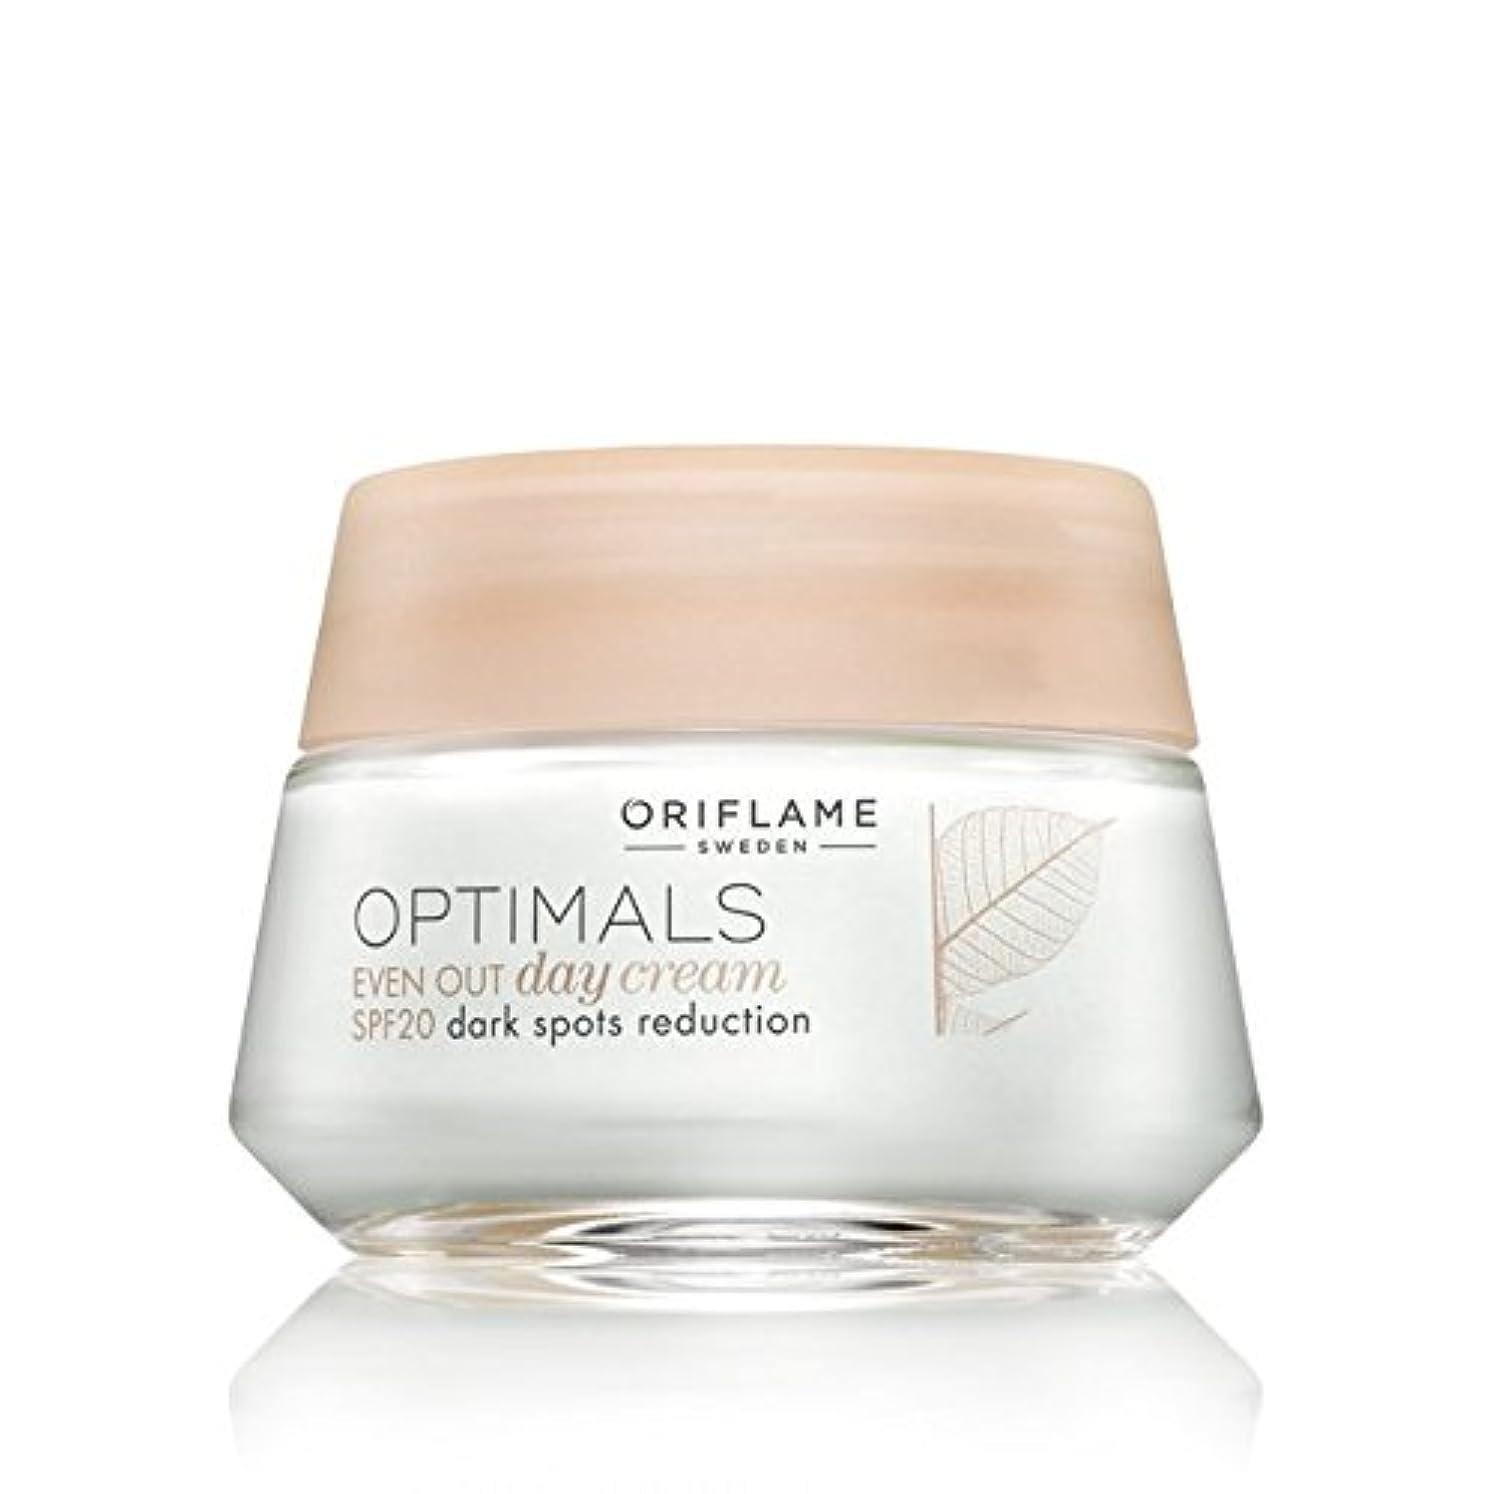 ロンドン成人期フォーマットOriflame Optimals SPF 20 Dark Spot Reduction Even Out Day Cream, 50ml